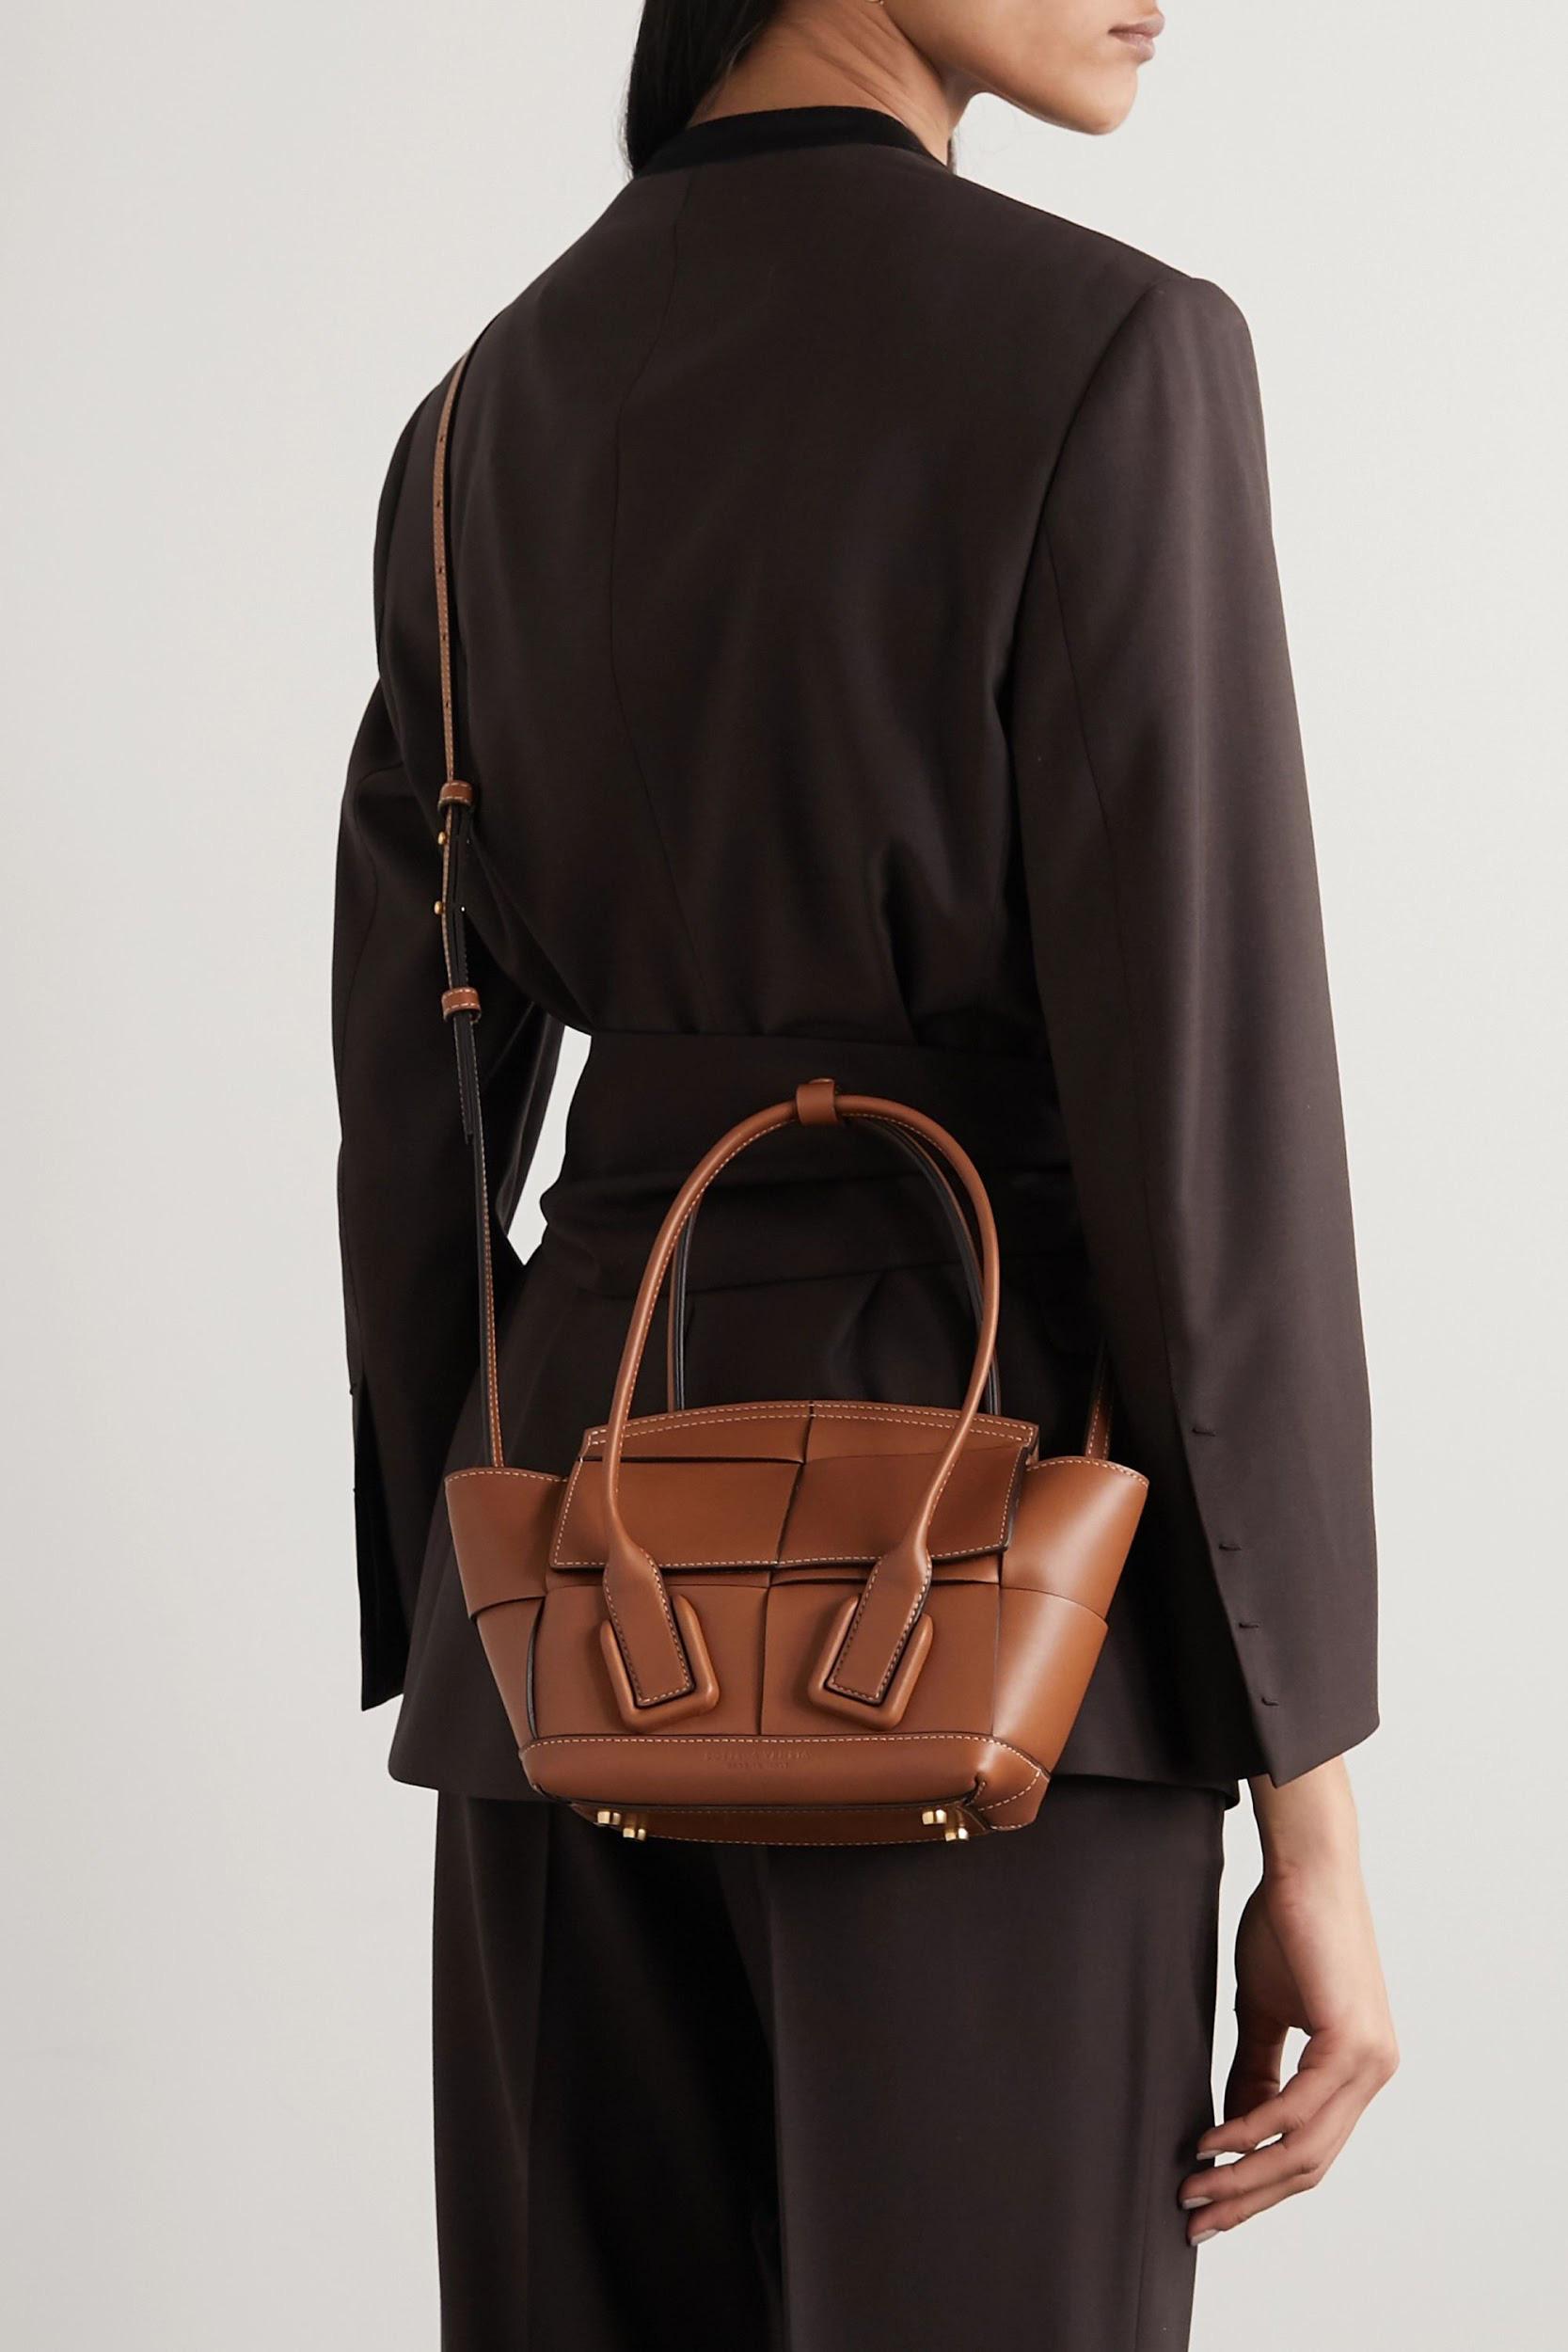 Không khóa đóng, không logo nổi bật, chiếc túi này có gì hot mà khiến loạt fashionista thế giới phải điên đảo? - Ảnh 2.